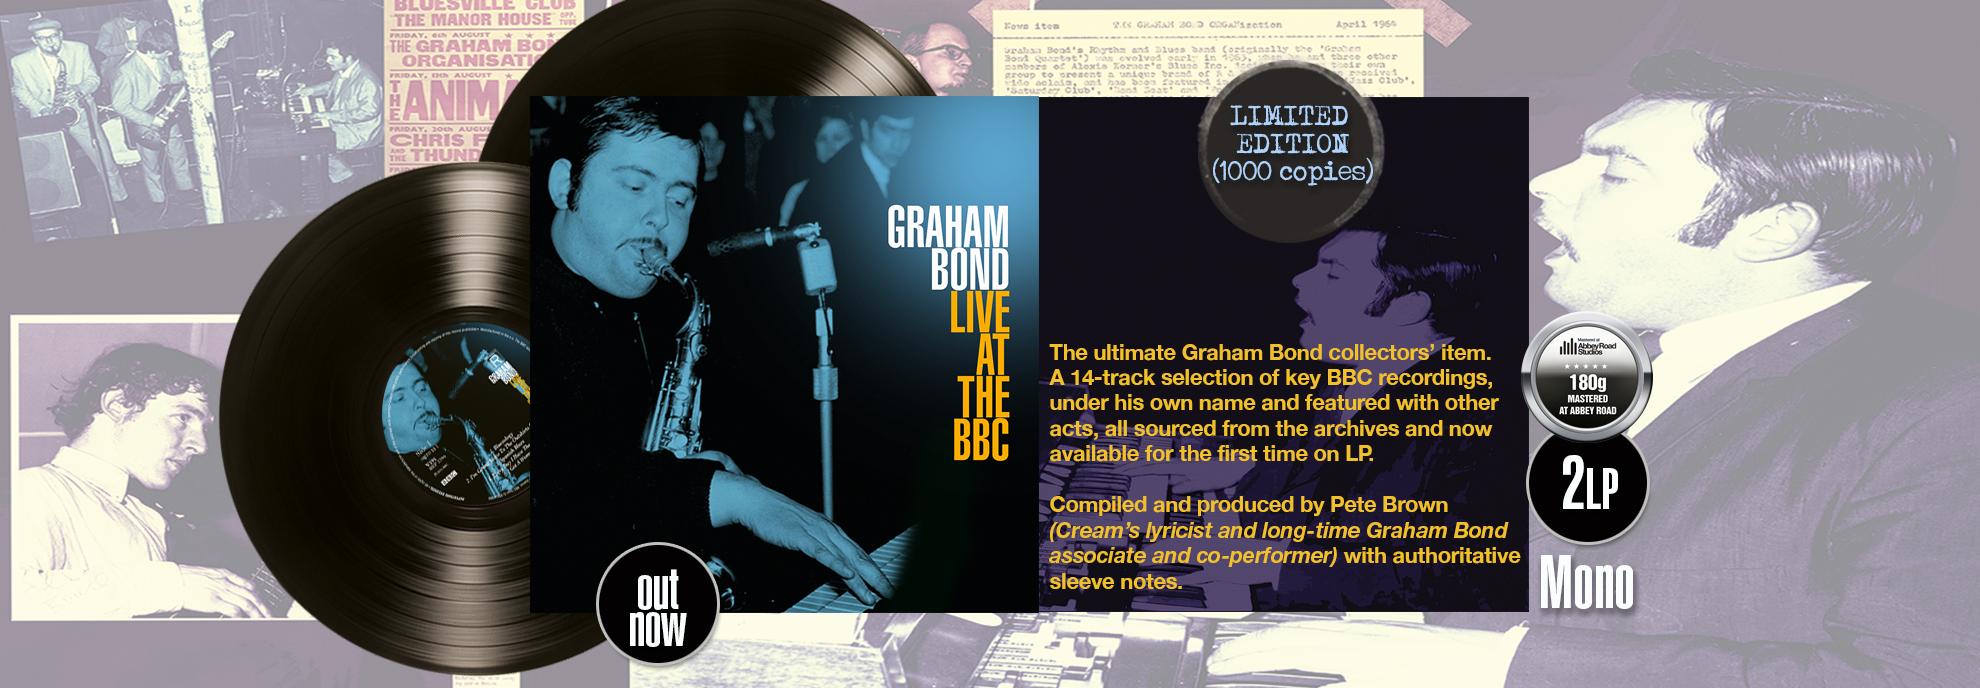 Graham-Bond-LP-out-now-1